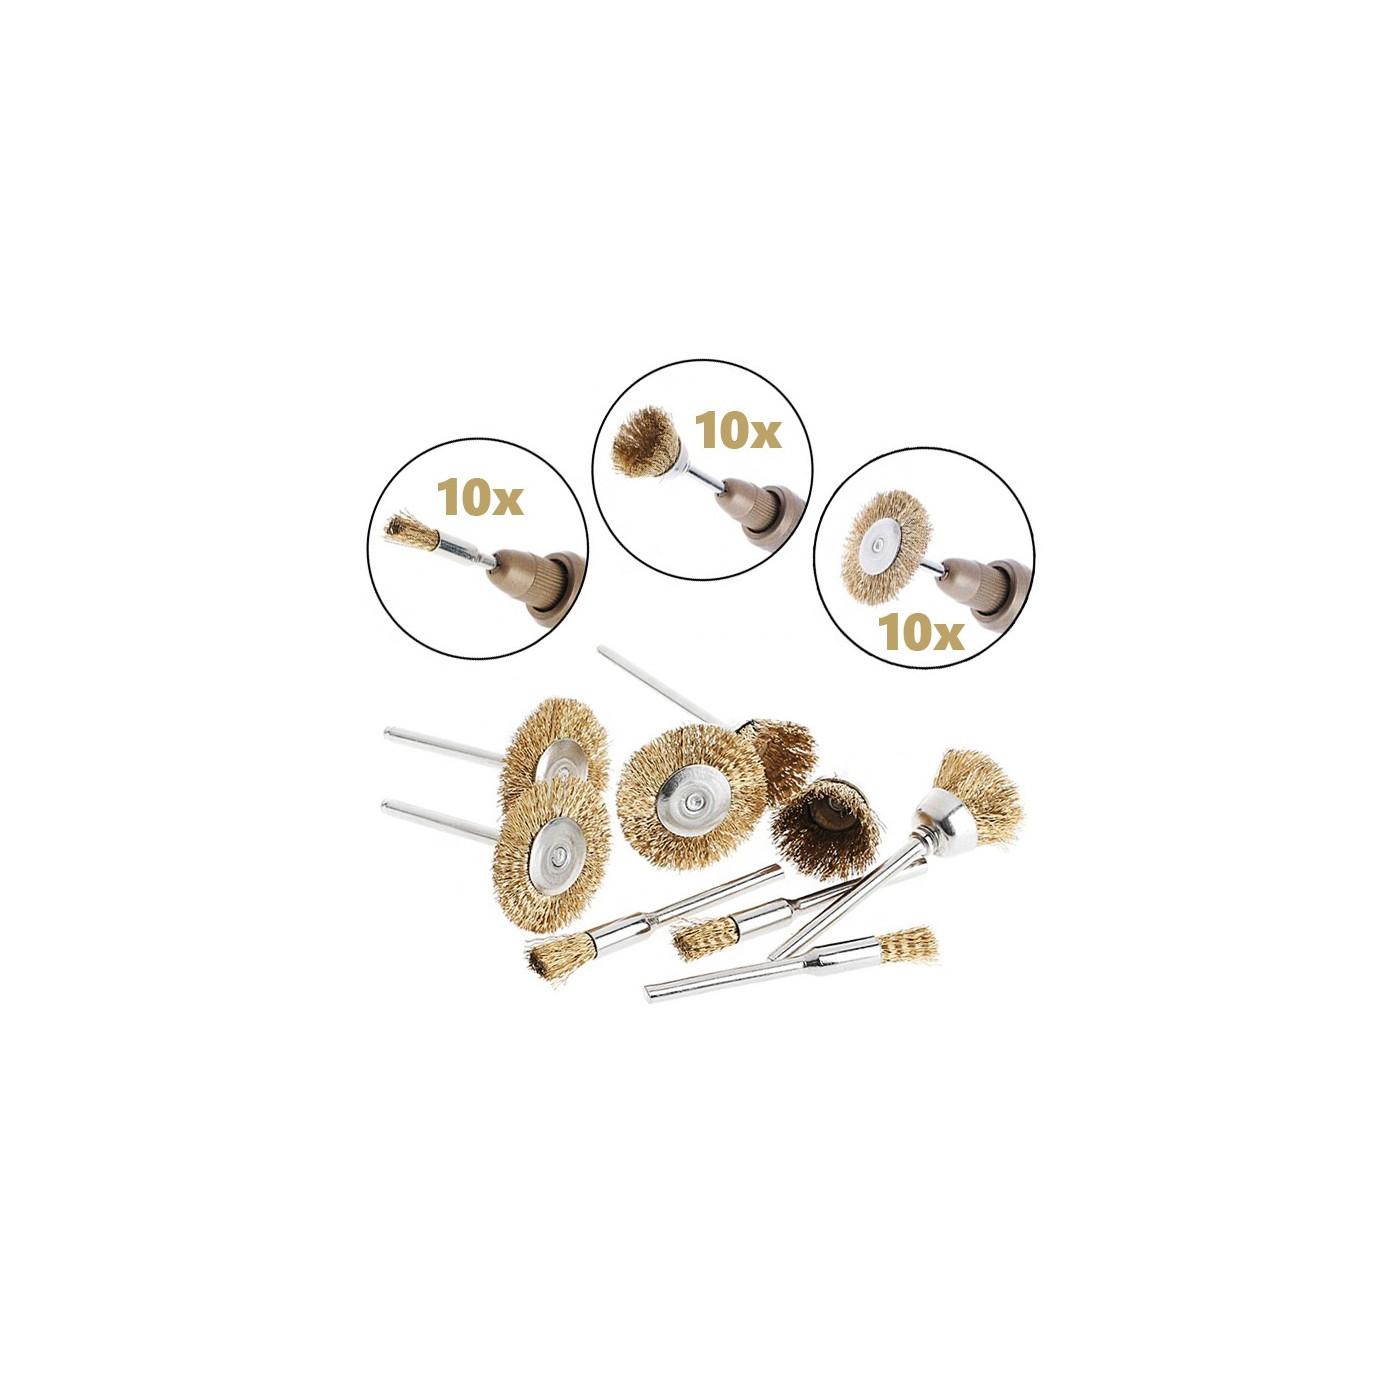 Zestaw 30 szczotek z drutu mosiężnego, 3 kształty (trzon 3 mm)